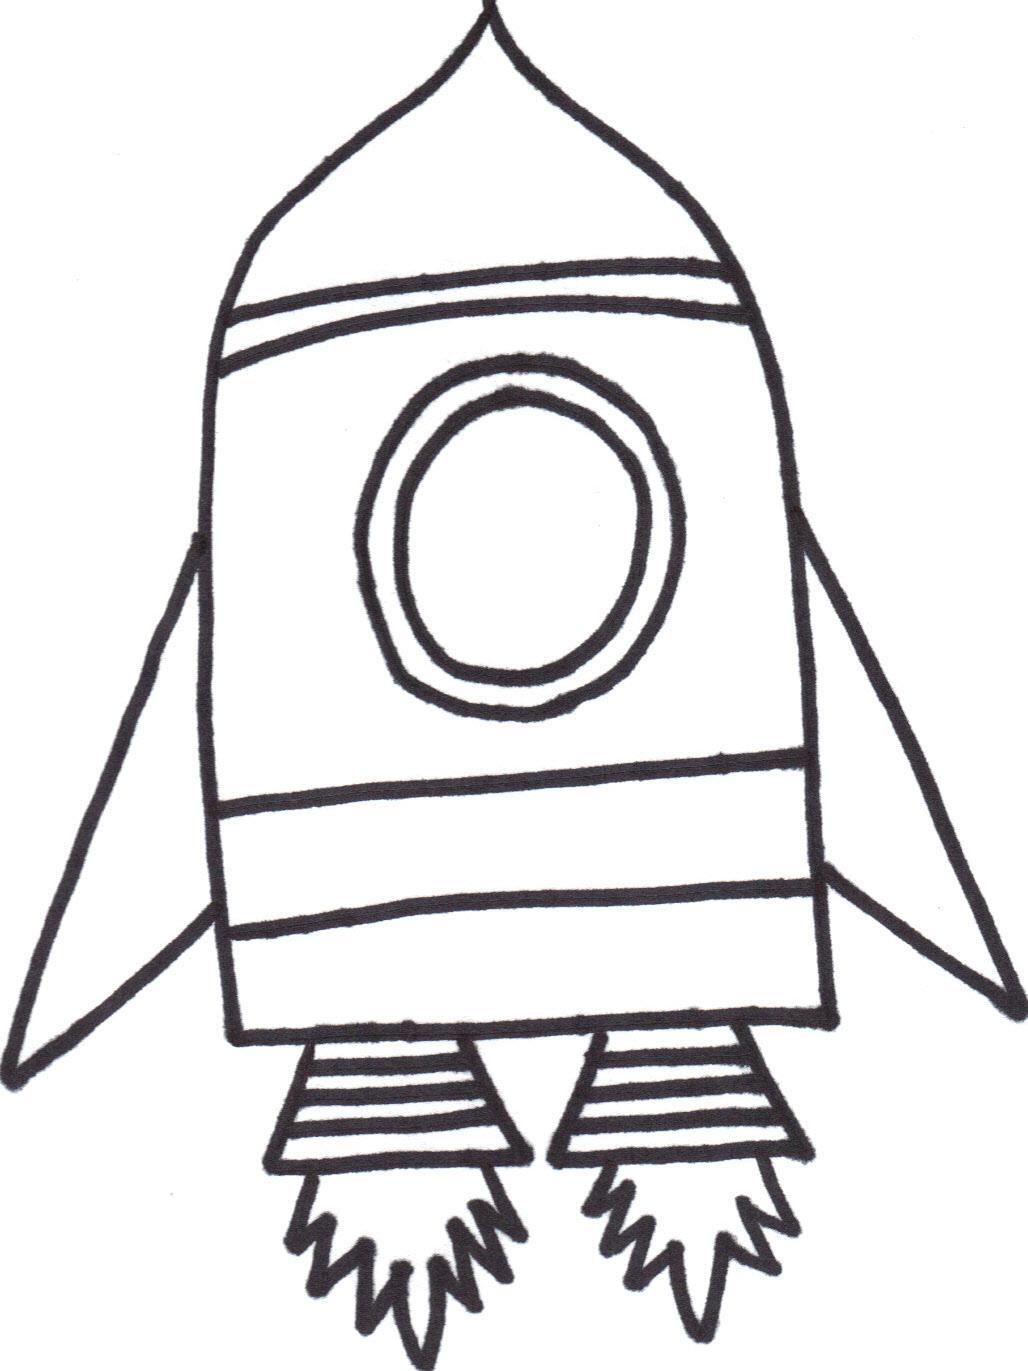 Rocket Outline Images